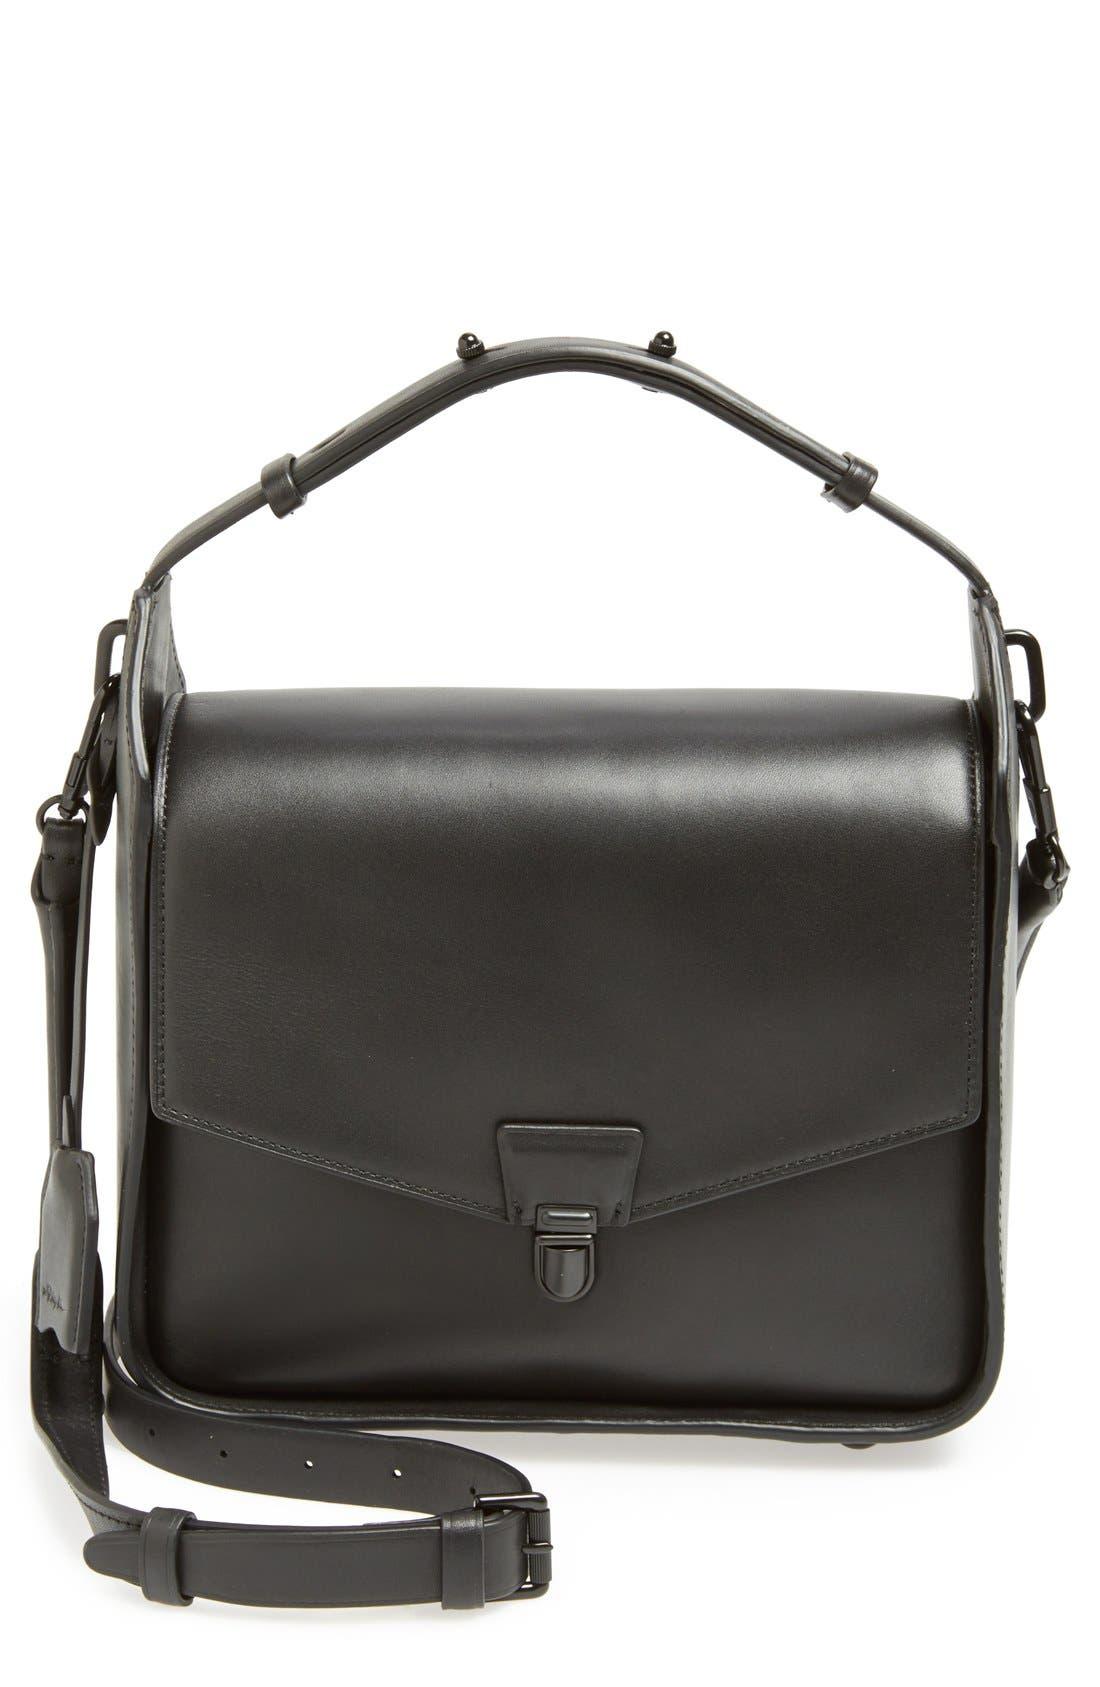 Main Image - 3.1 Phillip Lim 'Wednesday' Leather Shoulder Bag